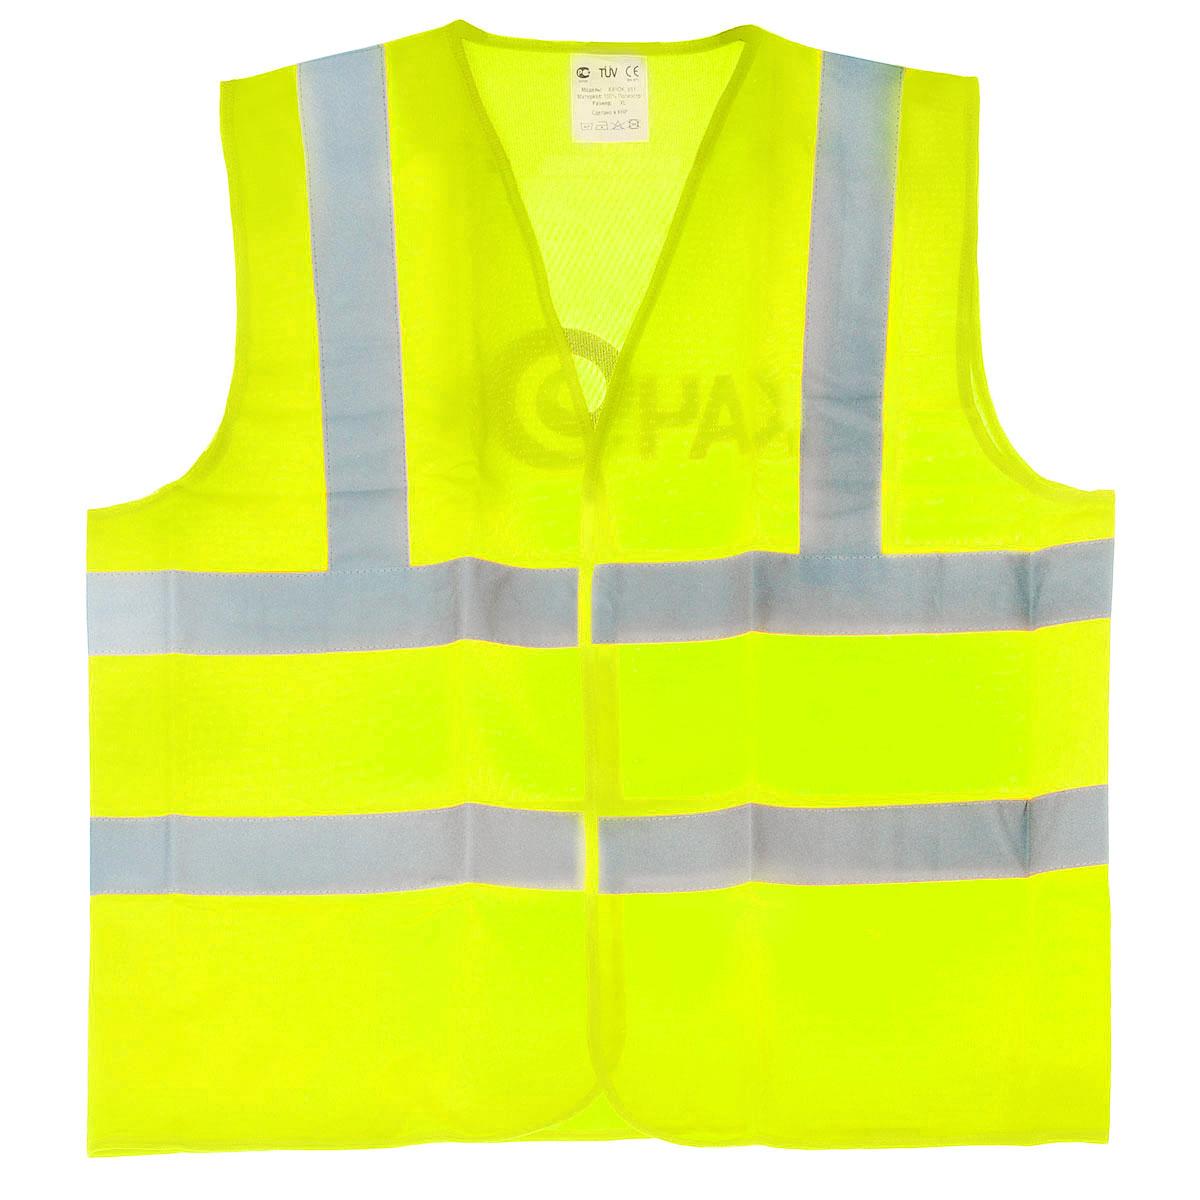 Жилет аварийный сигнальный Качок V11, цвет: желтый. Размер XLV11-YСигнальный жилет Качок V11 выполнен из полиэстера с 2-мя горизонтальными и 2-мя вертикальными светоотражающими полосами. Жилет рекомендован для личного и профессионального использования в дорожных условиях в любую погоду, в любое время суток. Высокая видимость достигается за счет фонового материала повышенной износостойкости и светоотражающих полос шириной 5 см.